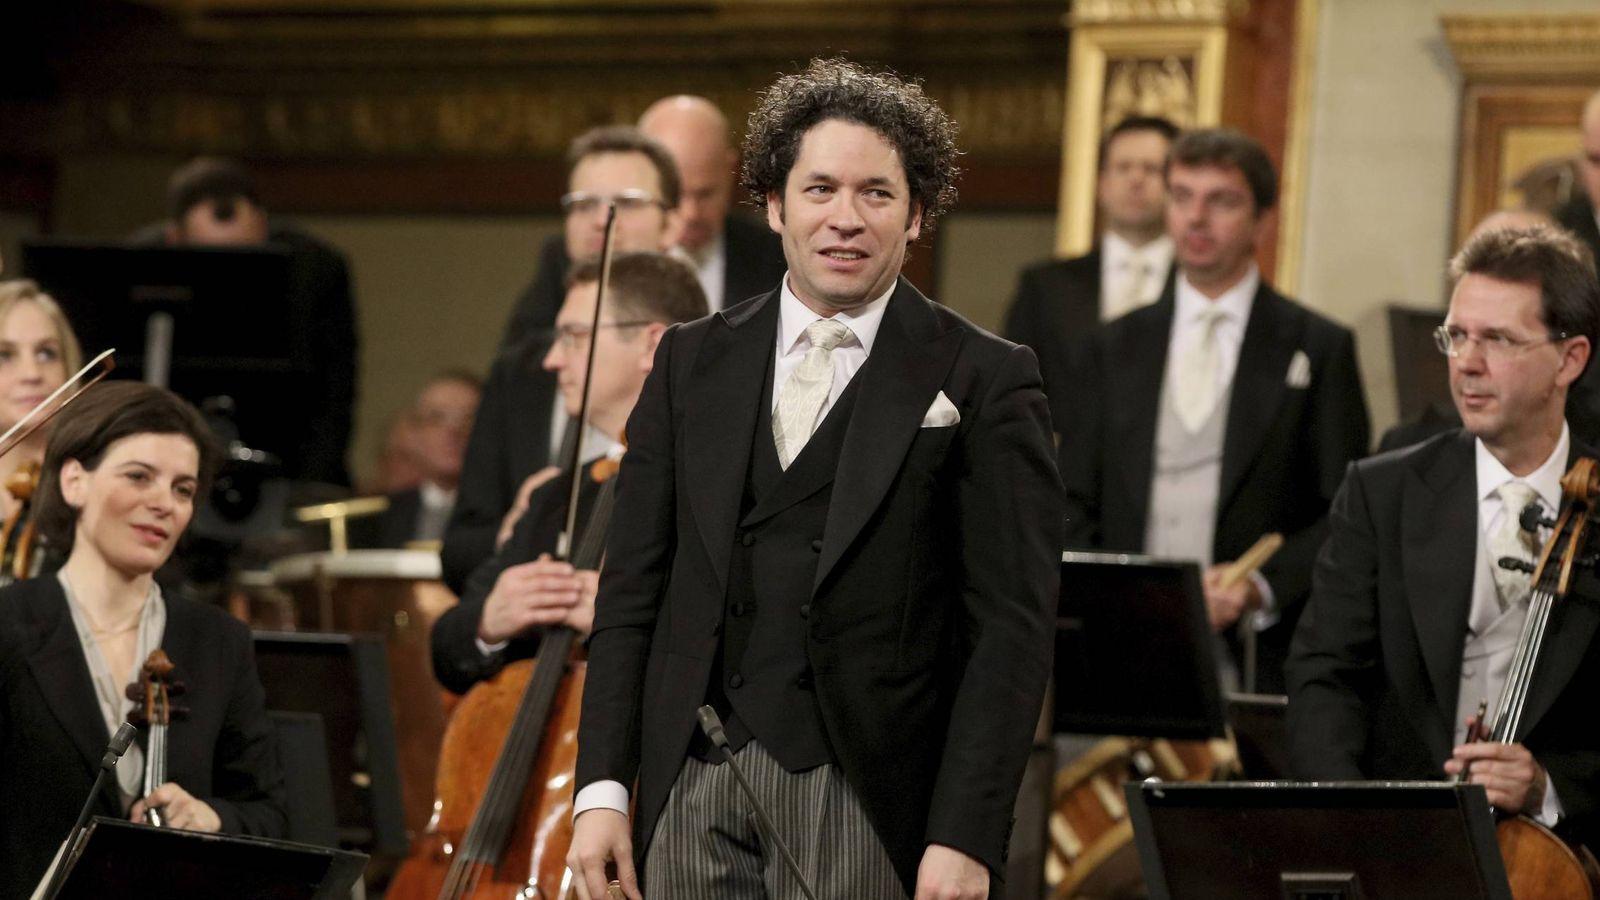 Foto: El director de orquesta Gustavo Dudamel en una imagen de archivo. (Gtres)